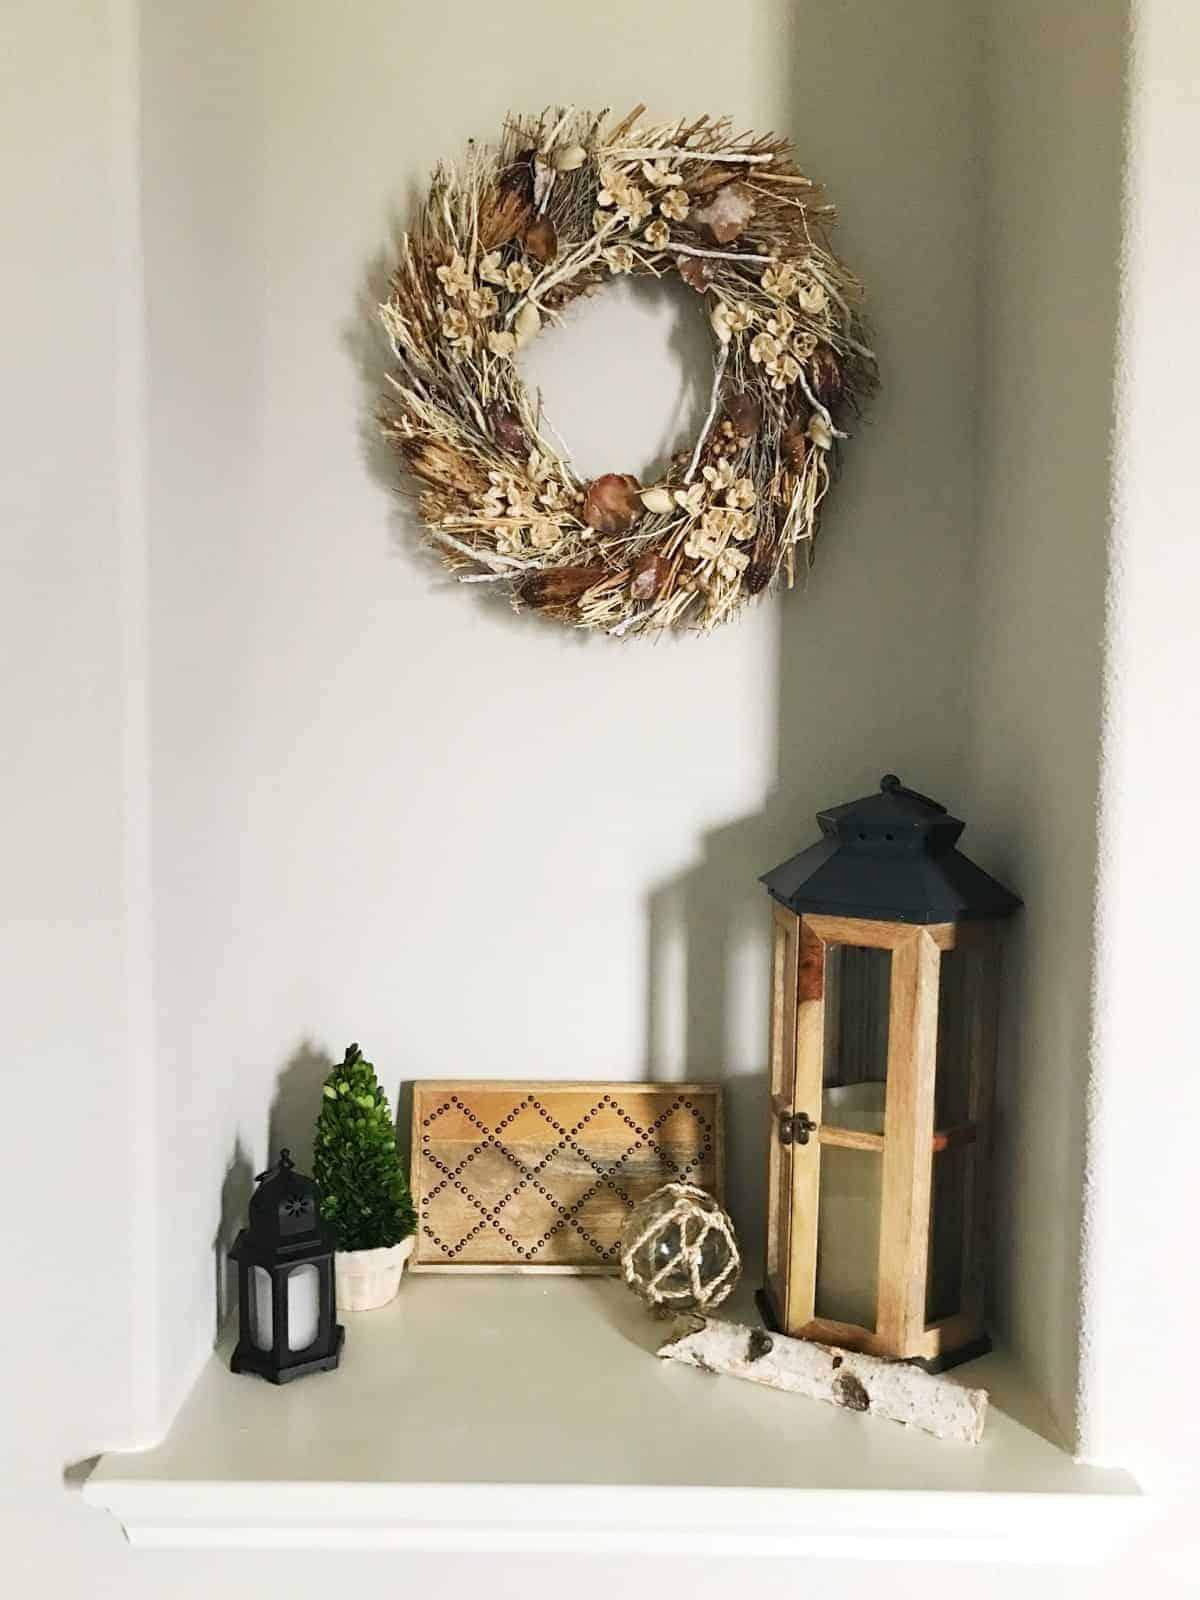 late winter decor